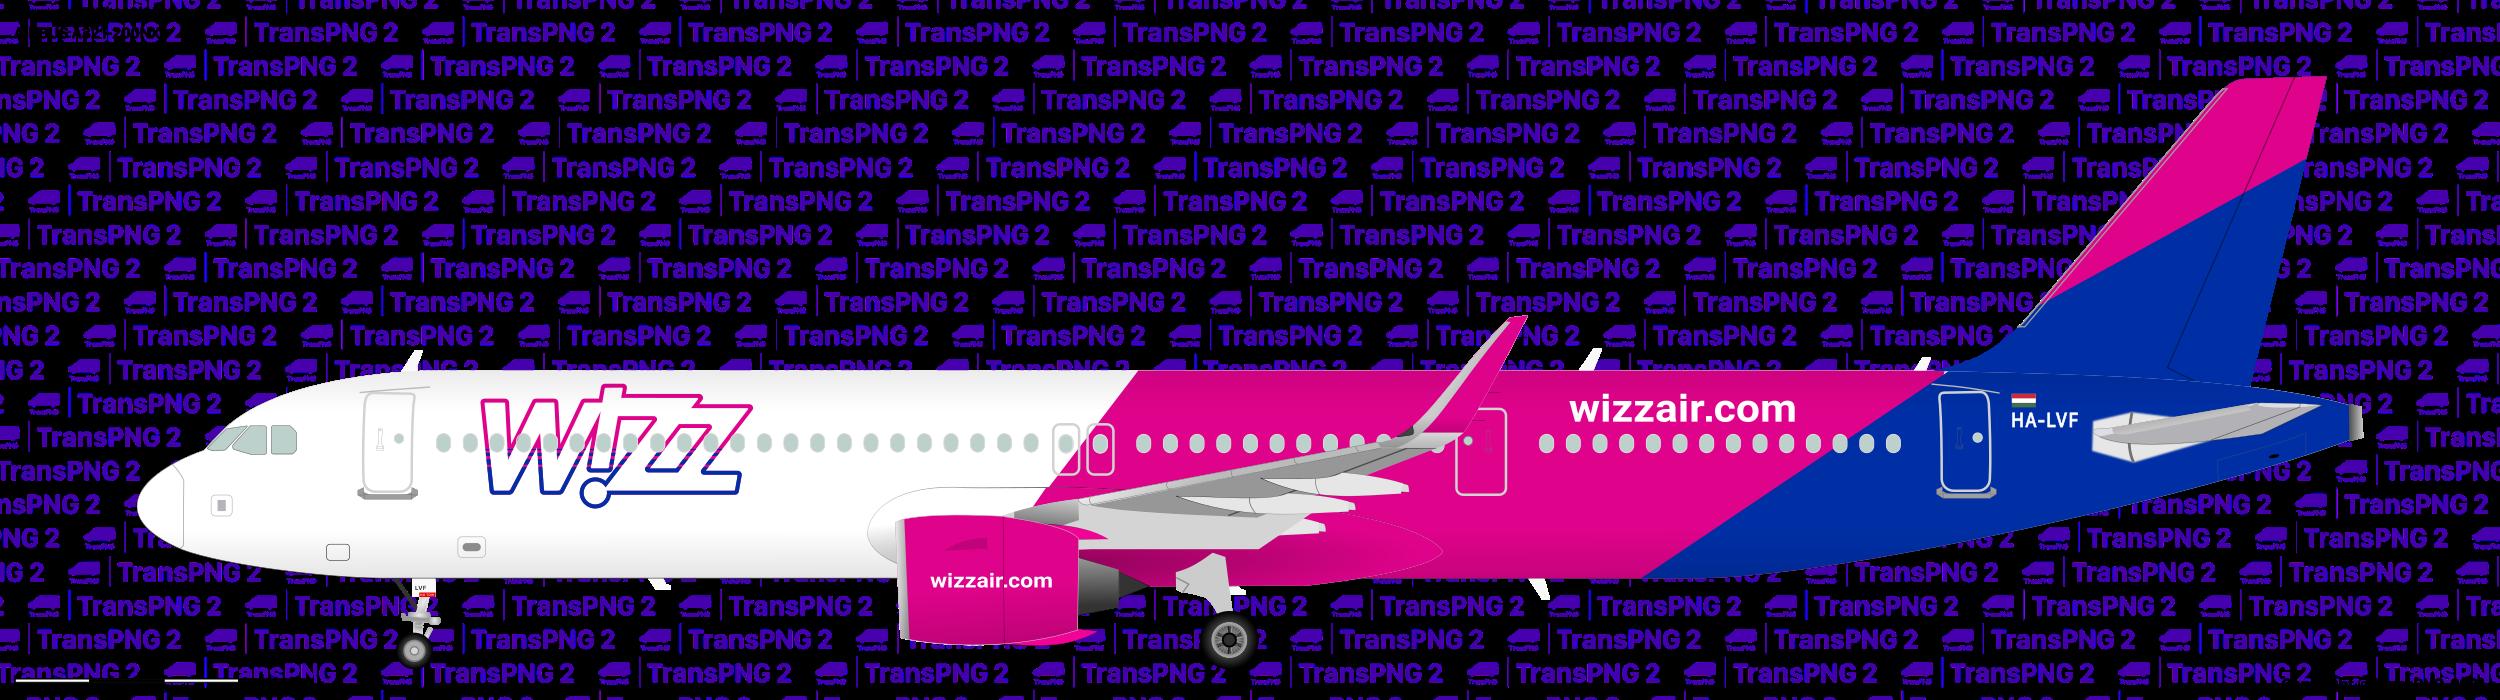 TransPNG.net | 分享世界各地多種交通工具的優秀繪圖 - 飛機 25137